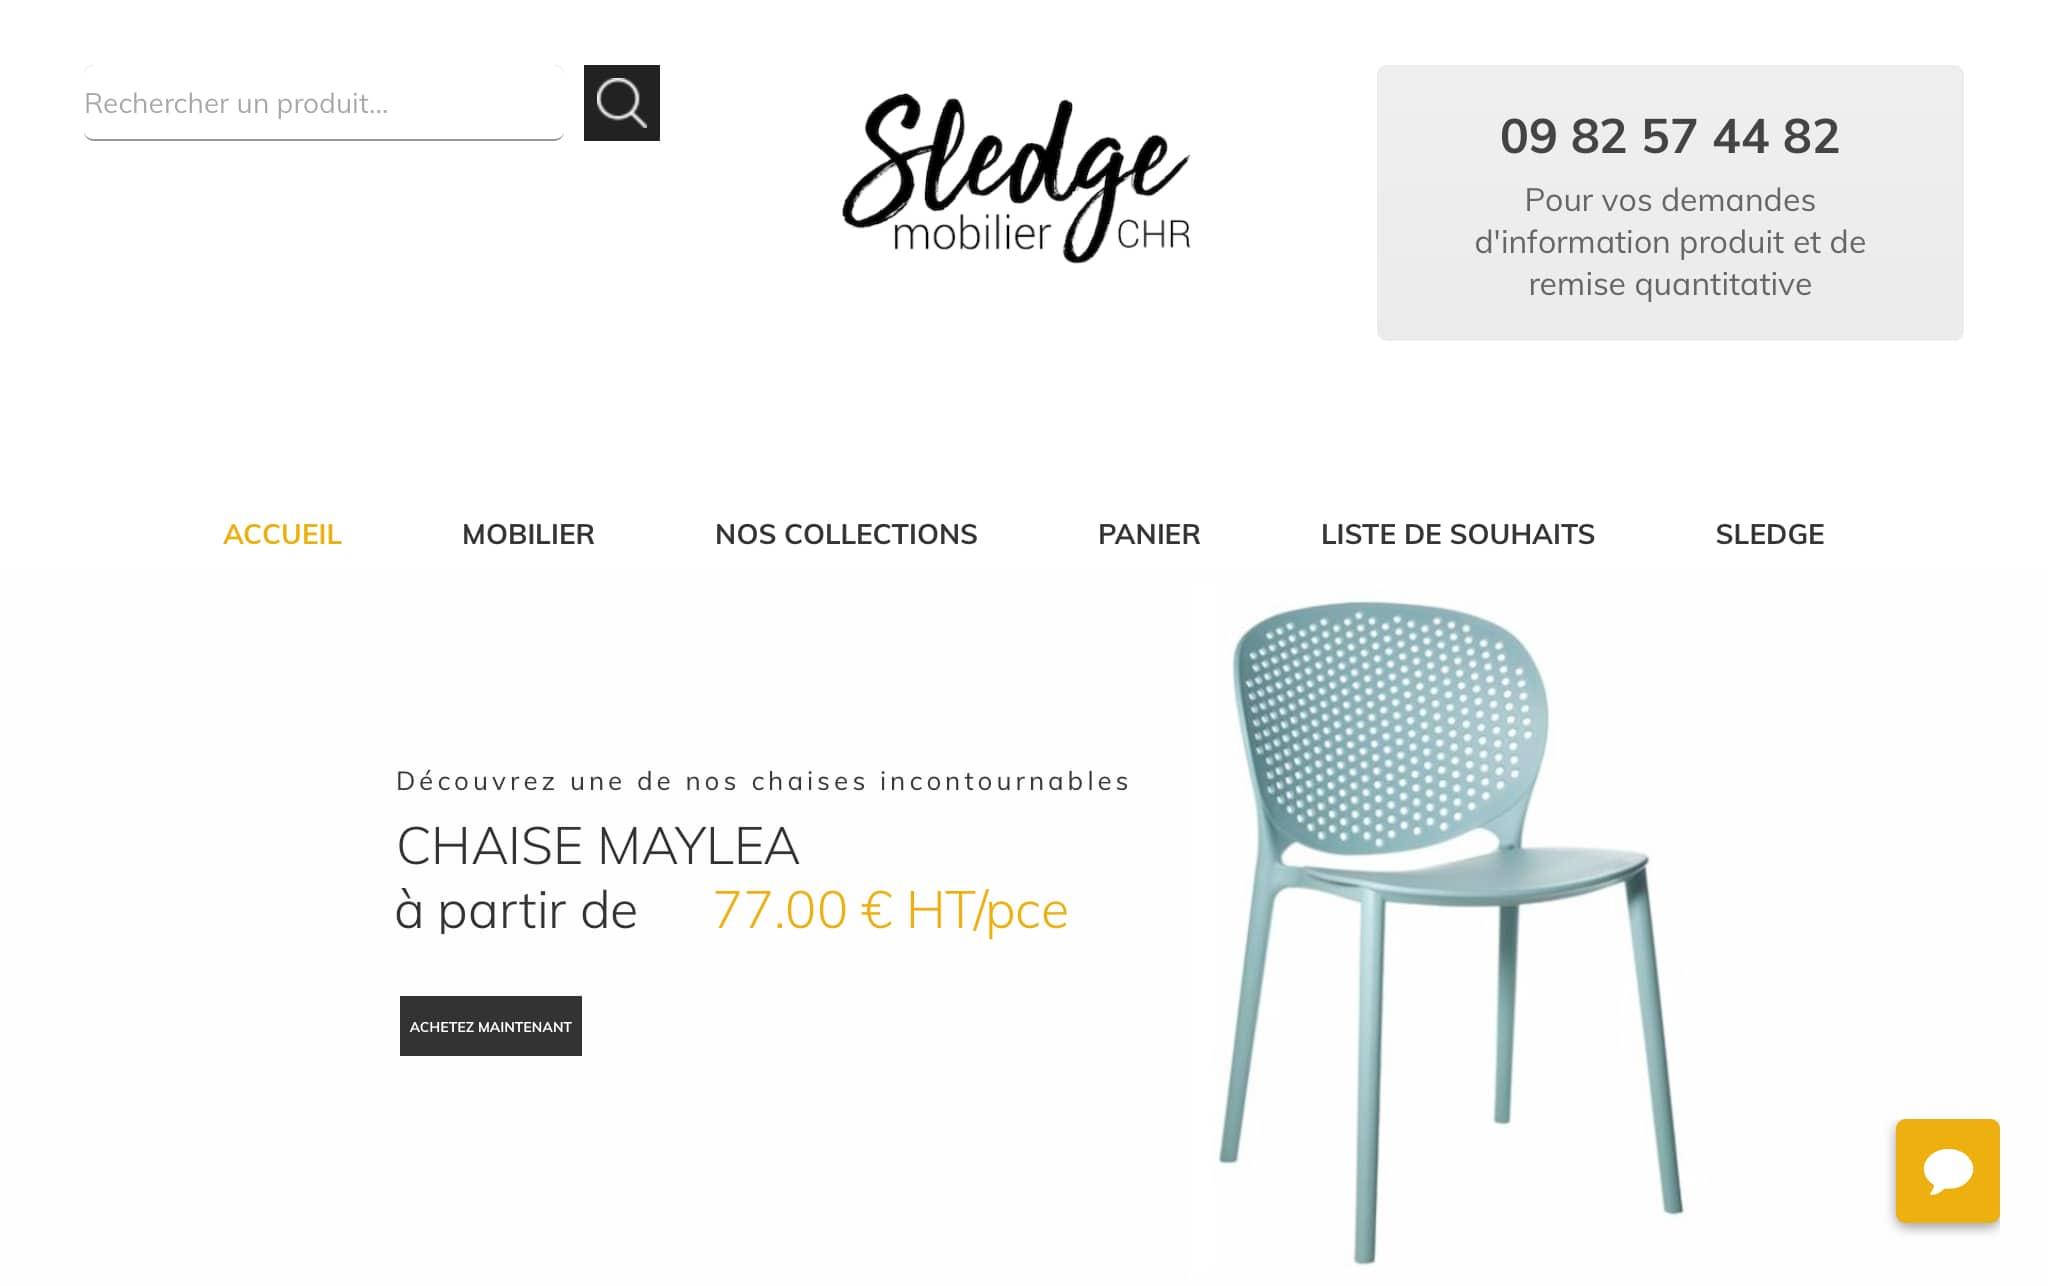 Sledge Mobilier CHR